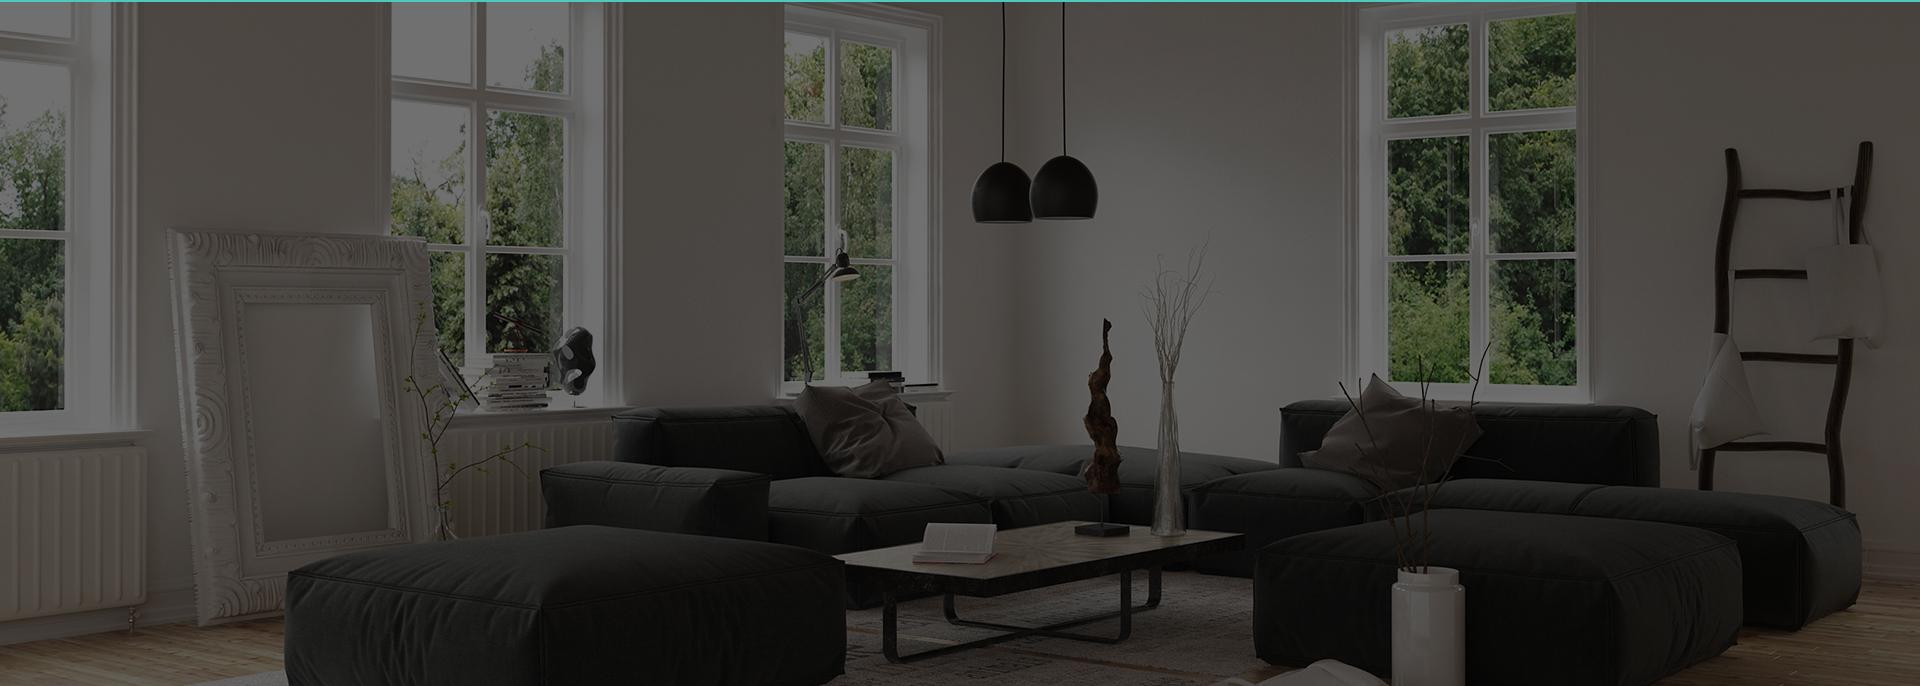 Architecte D Interieur Moselle architecte home staging luxembourg moselle - archi'val déco